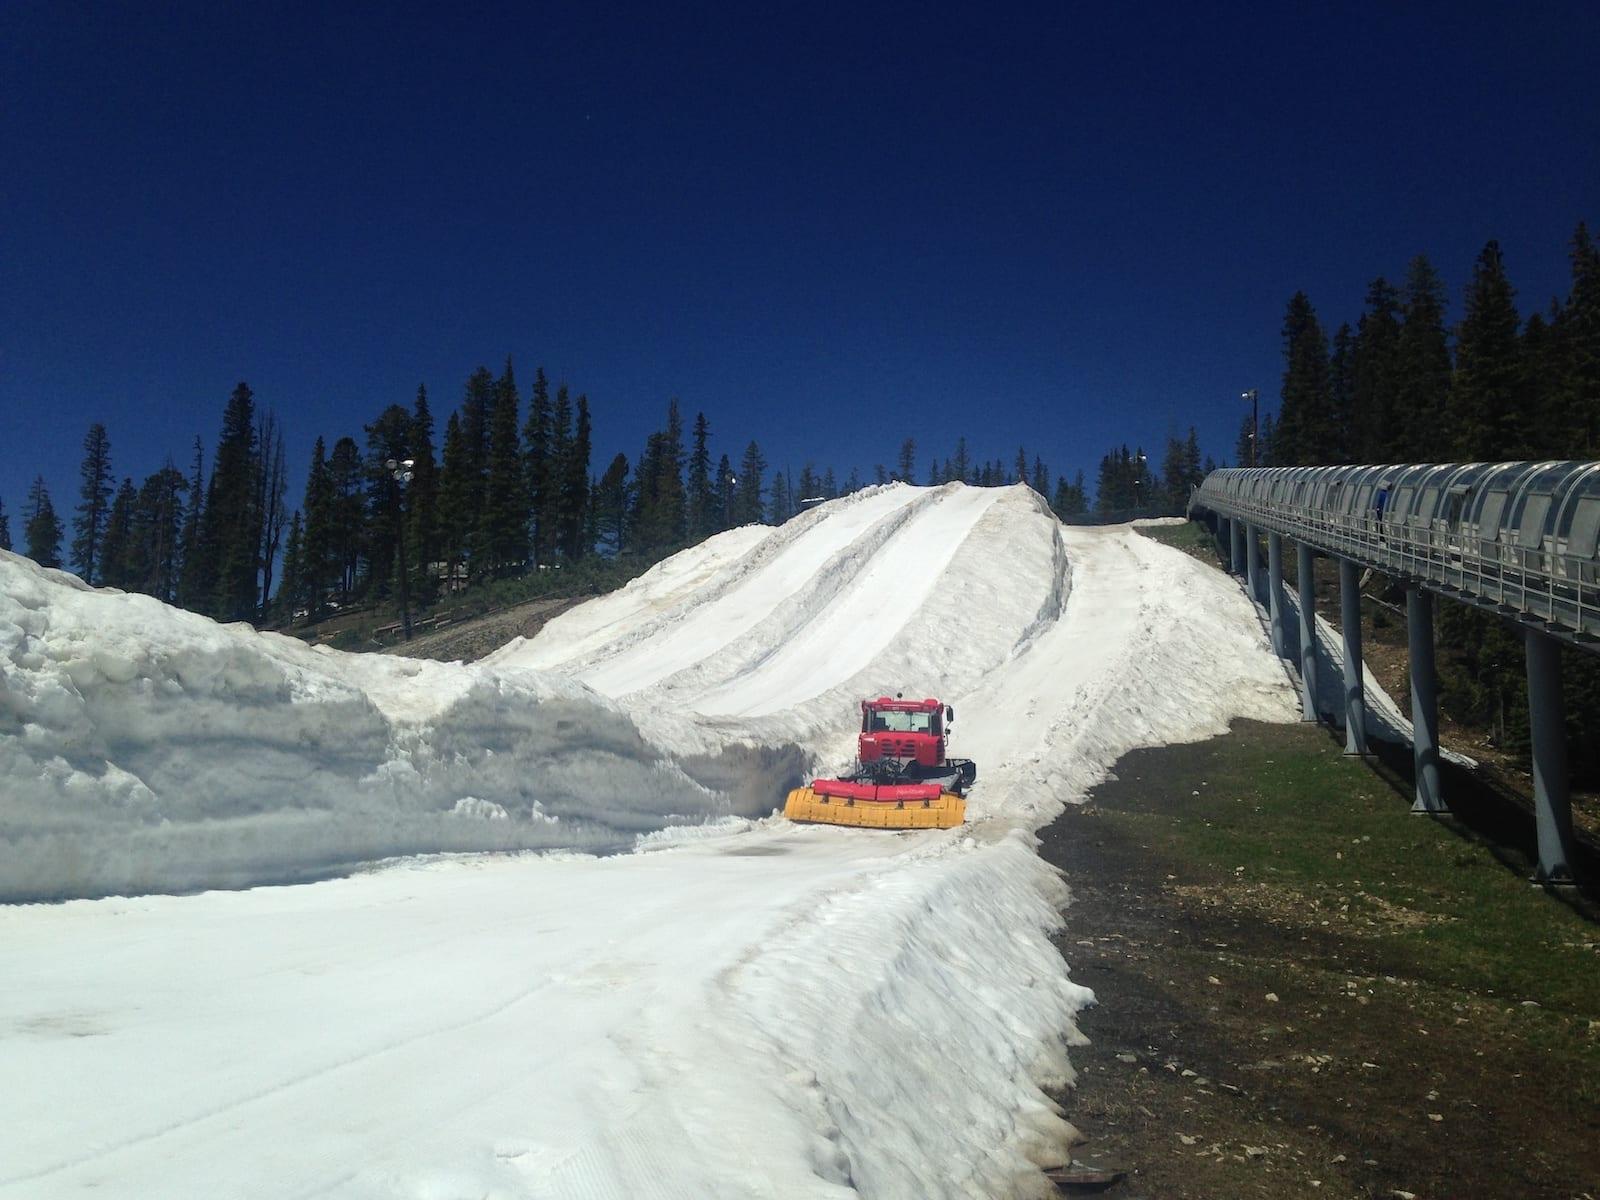 Keystone Colorado Summer Snow Tubing